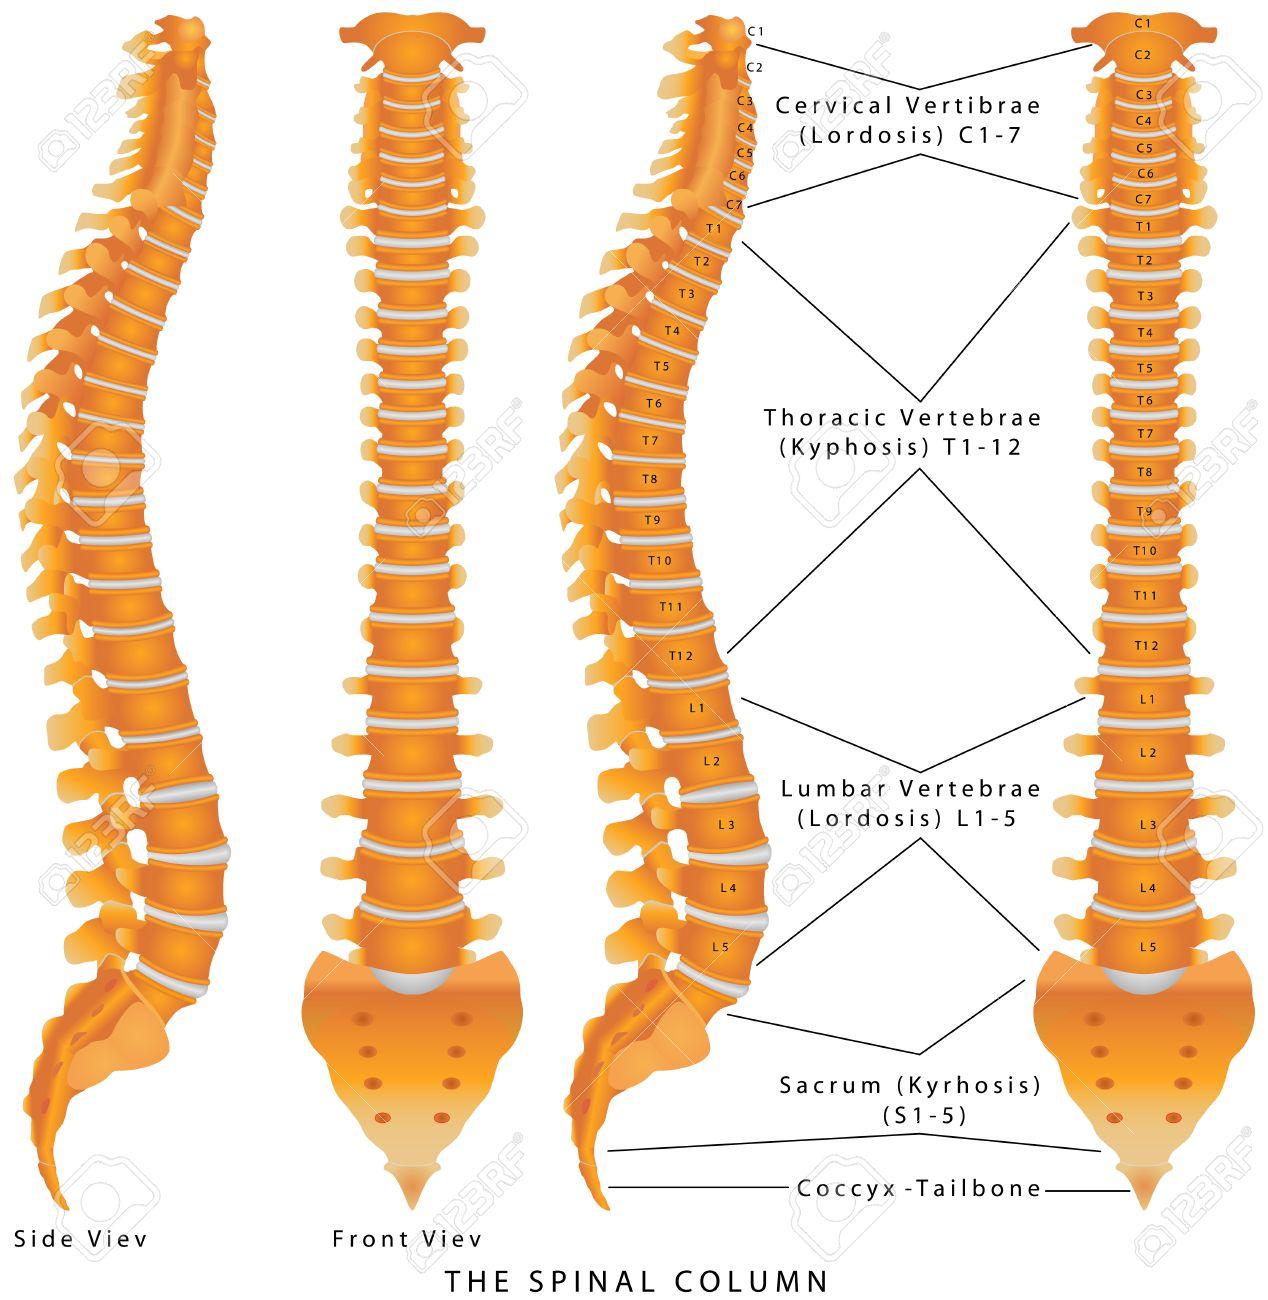 the spinal column the spinal column diagram human spine from  : spinal column diagram - findchart.co